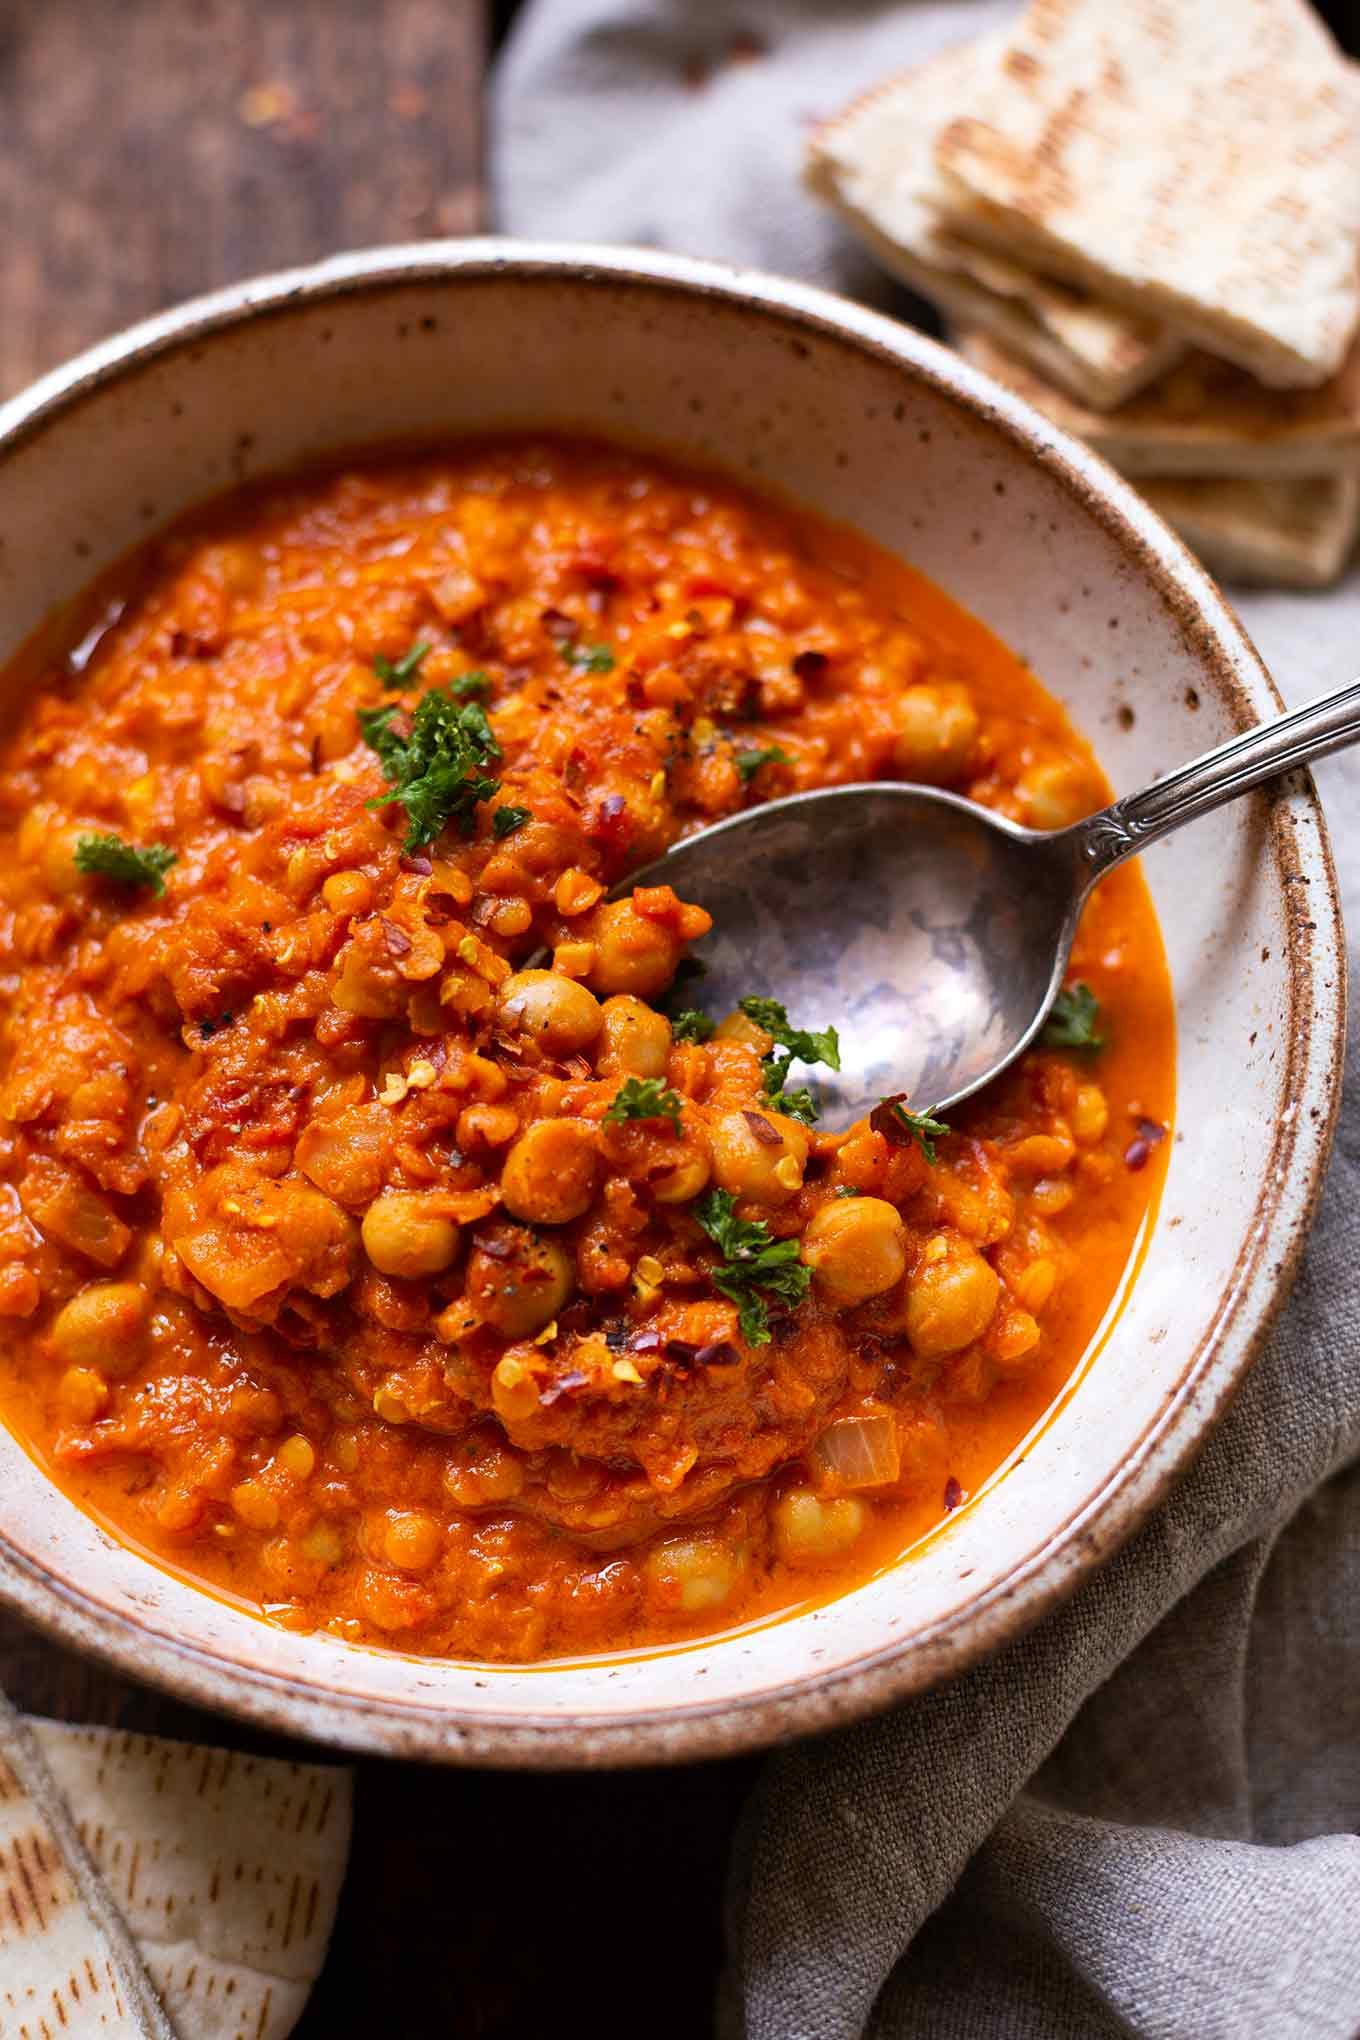 Einfaches Vorratsschrank-Curry. Für dieses schnelle Rezept braucht ihr nur 5 Zutaten und 10 Min Vorbereitungszeit, unbedingt probieren! - Kochkarussell Foodblog #vorratsrezept #vorrat #curry